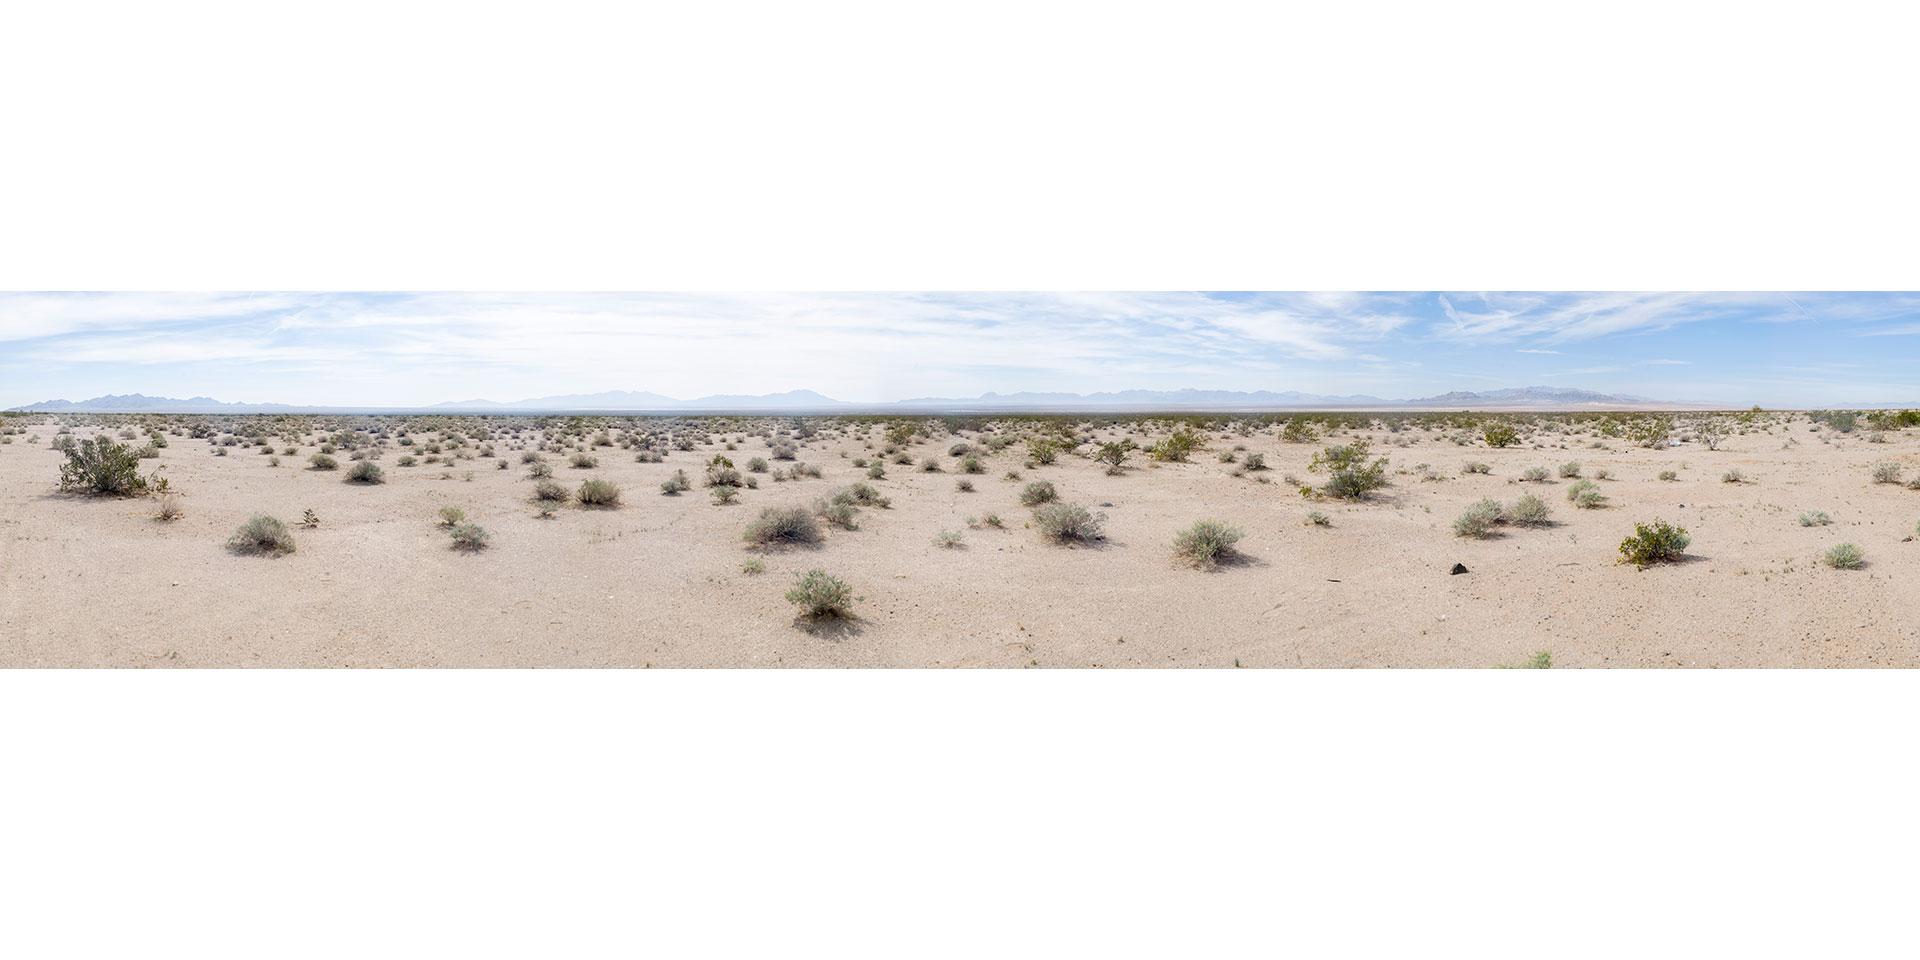 Wüste - Arizona - USA